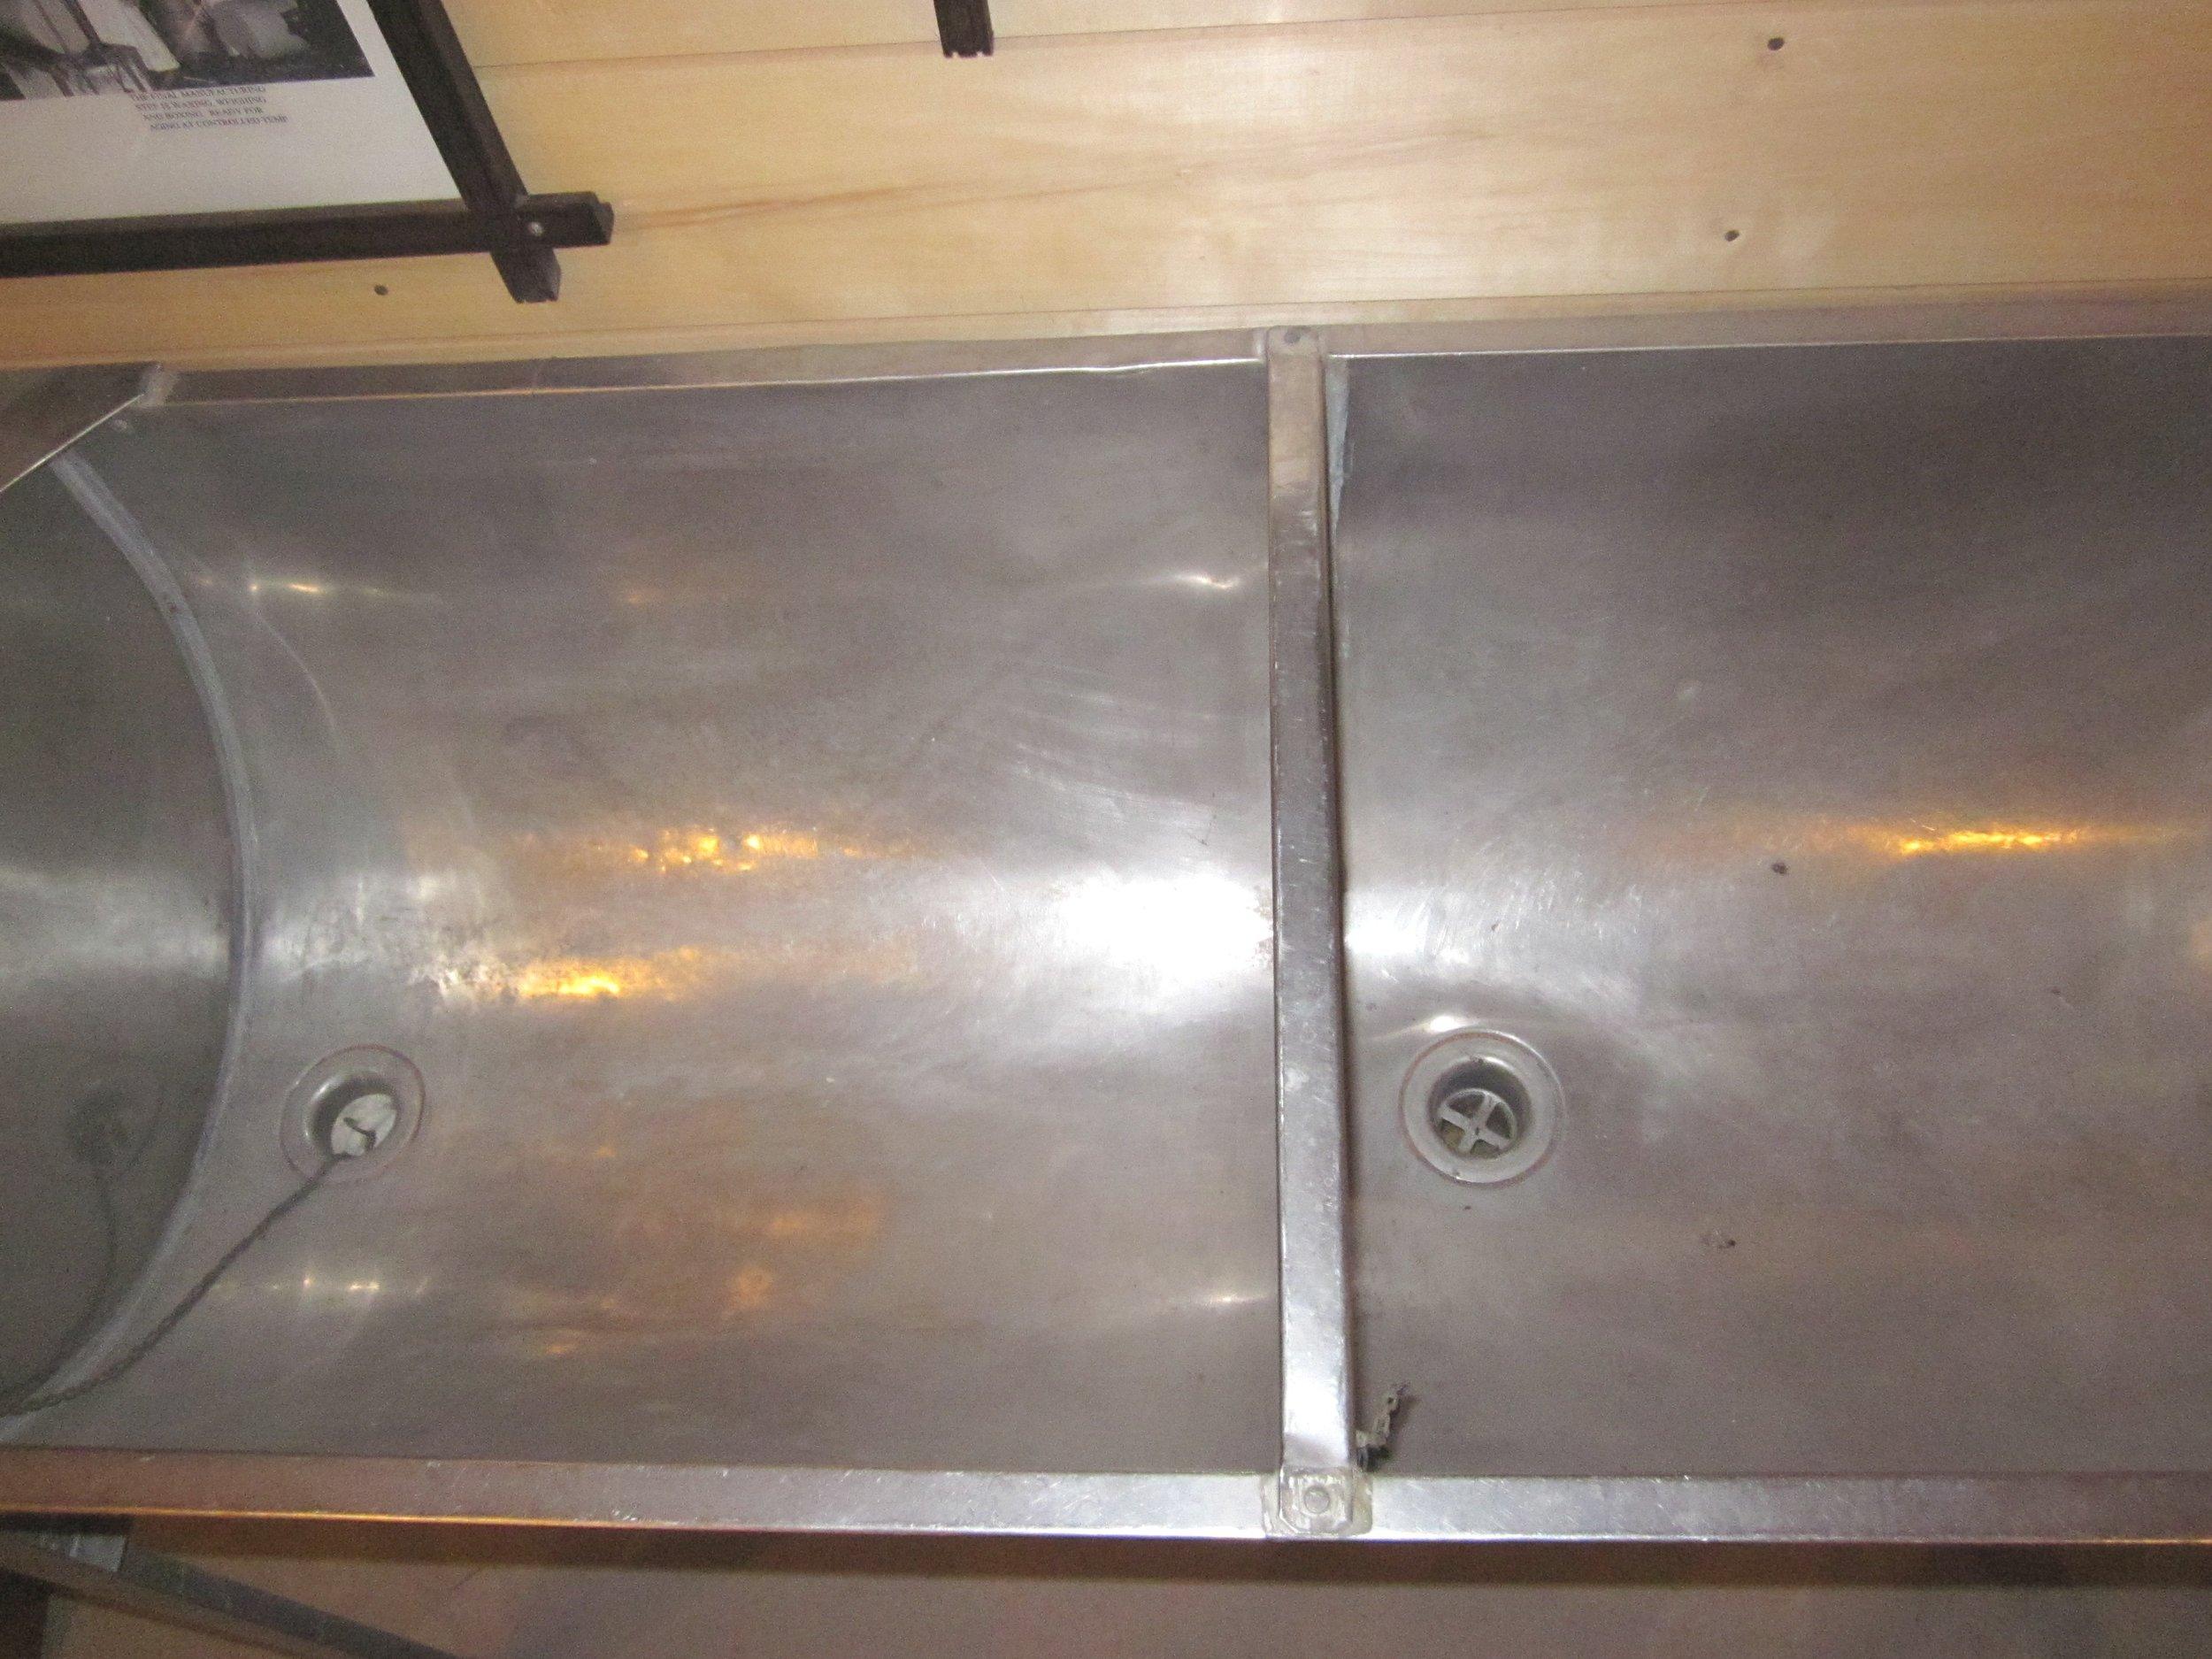 Wash tub